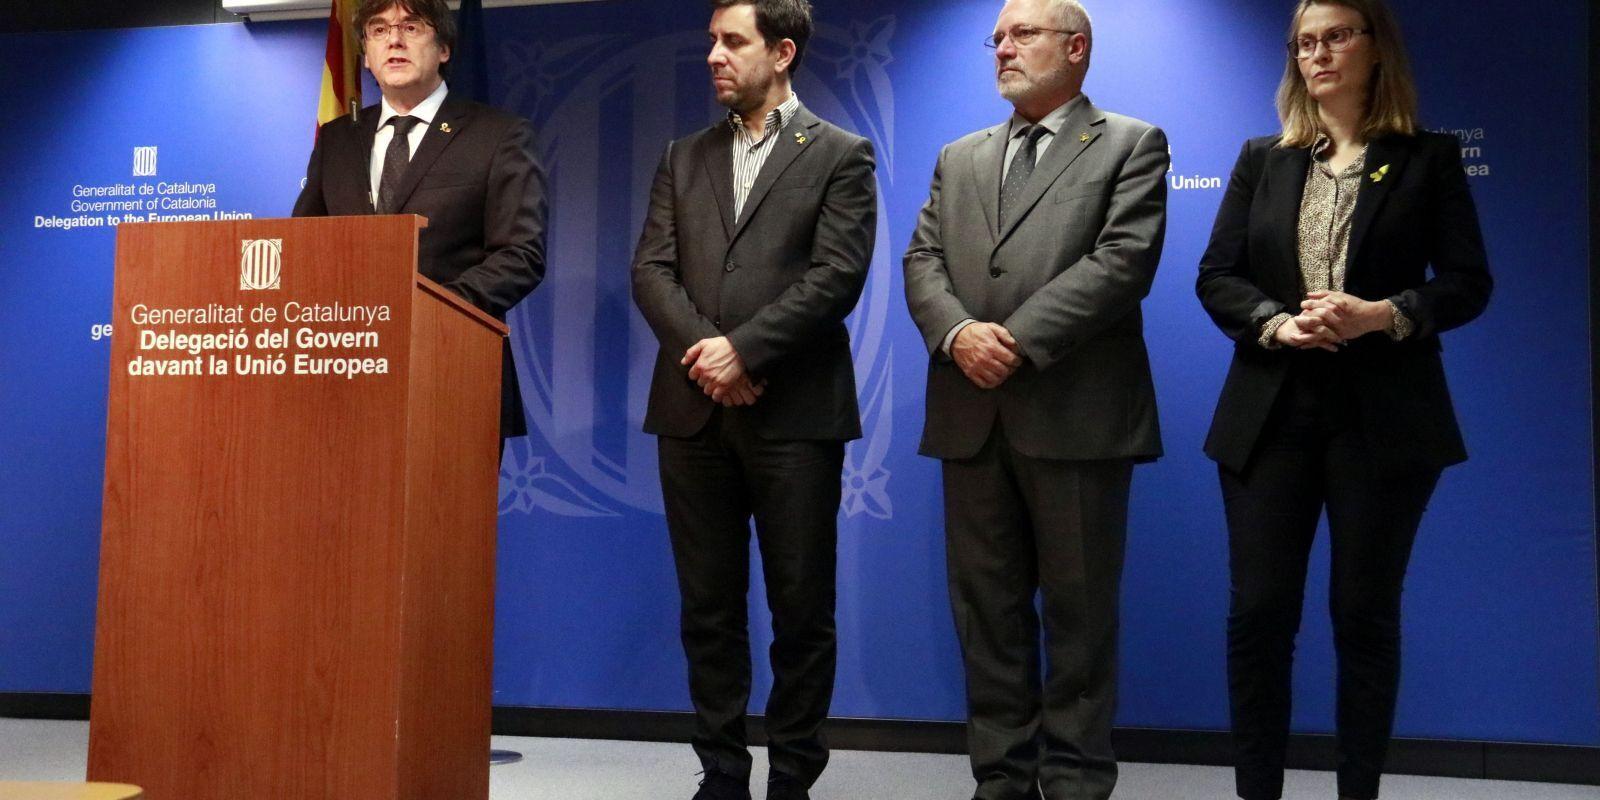 Compareixença a Brussel·les del president a l'exili i els consellers